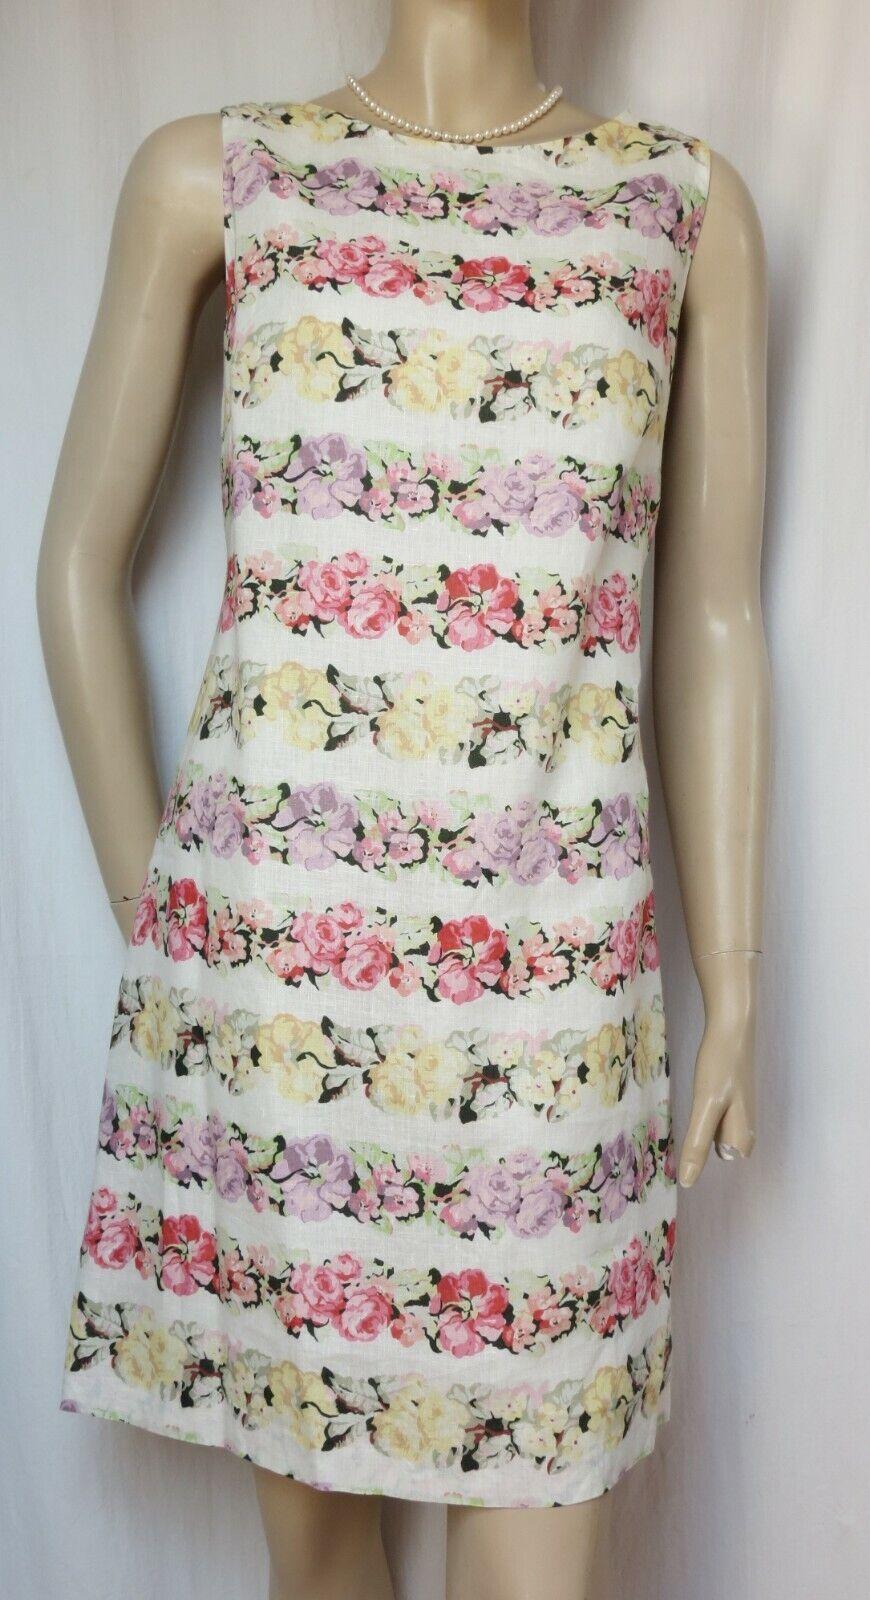 Laura Ashley Sommerkleid 38 Leinenkleid creme Rosa grün lila Blumen Hochzeit